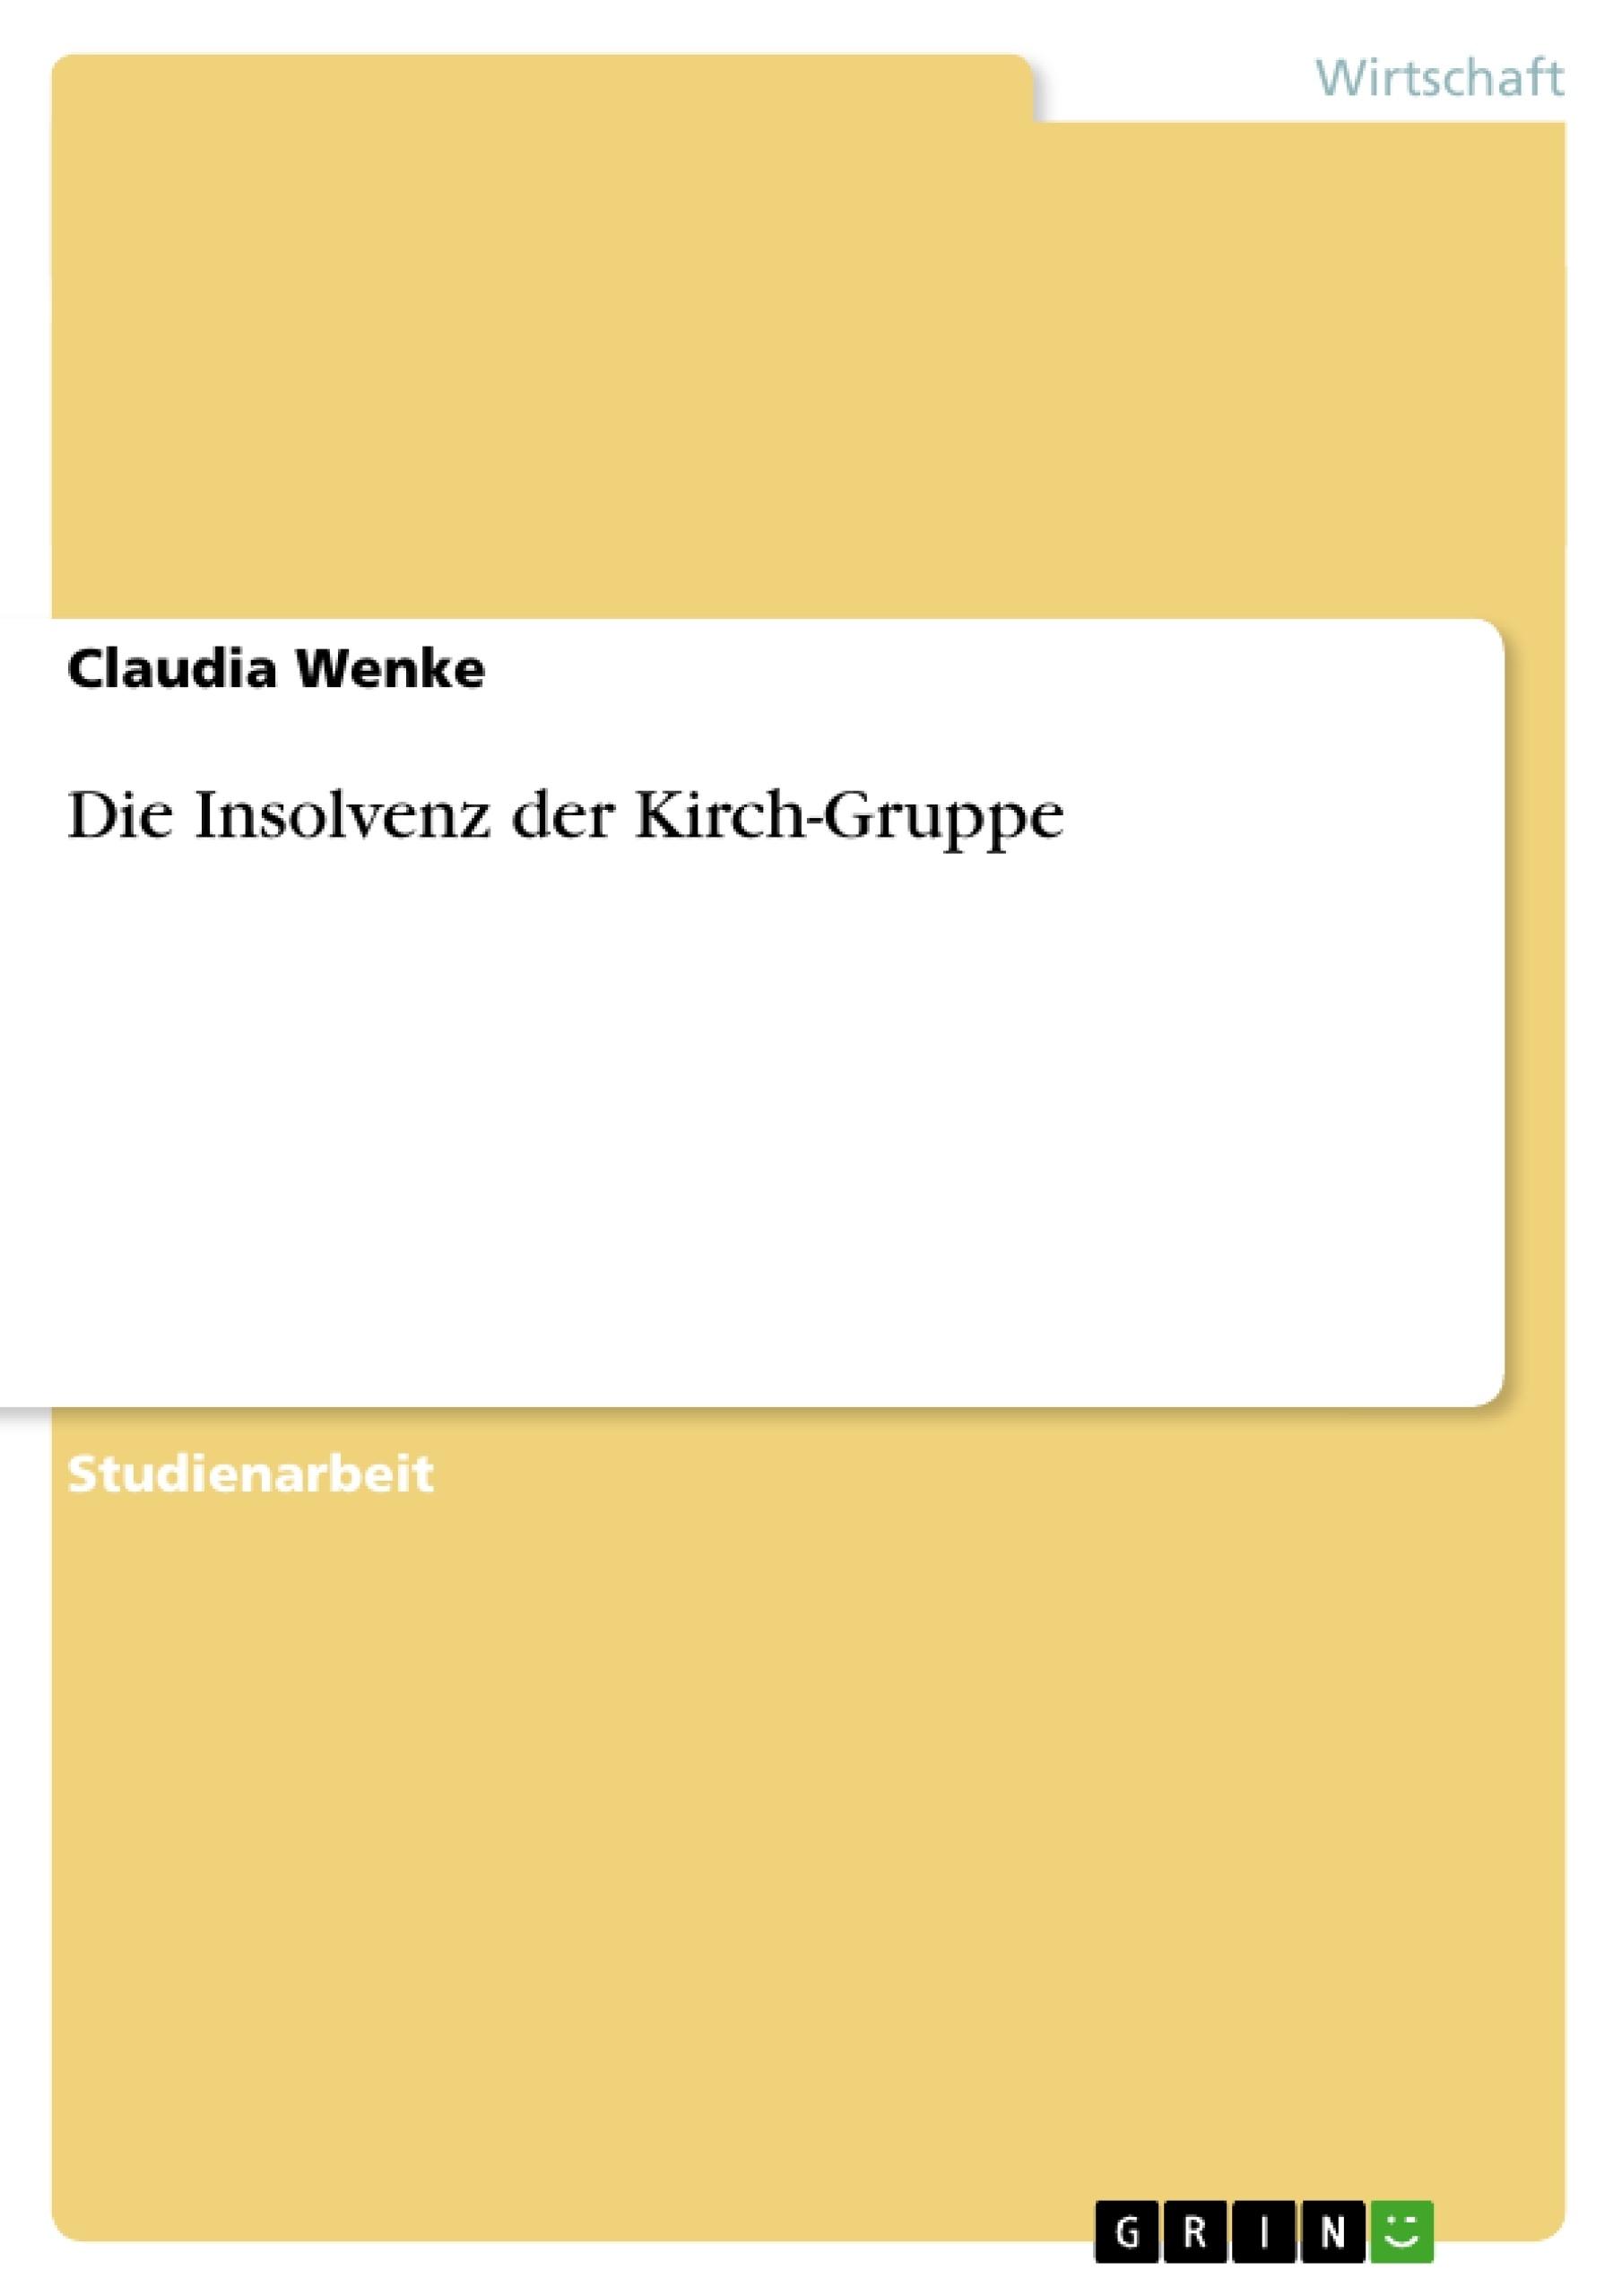 Titel: Die Insolvenz der Kirch-Gruppe